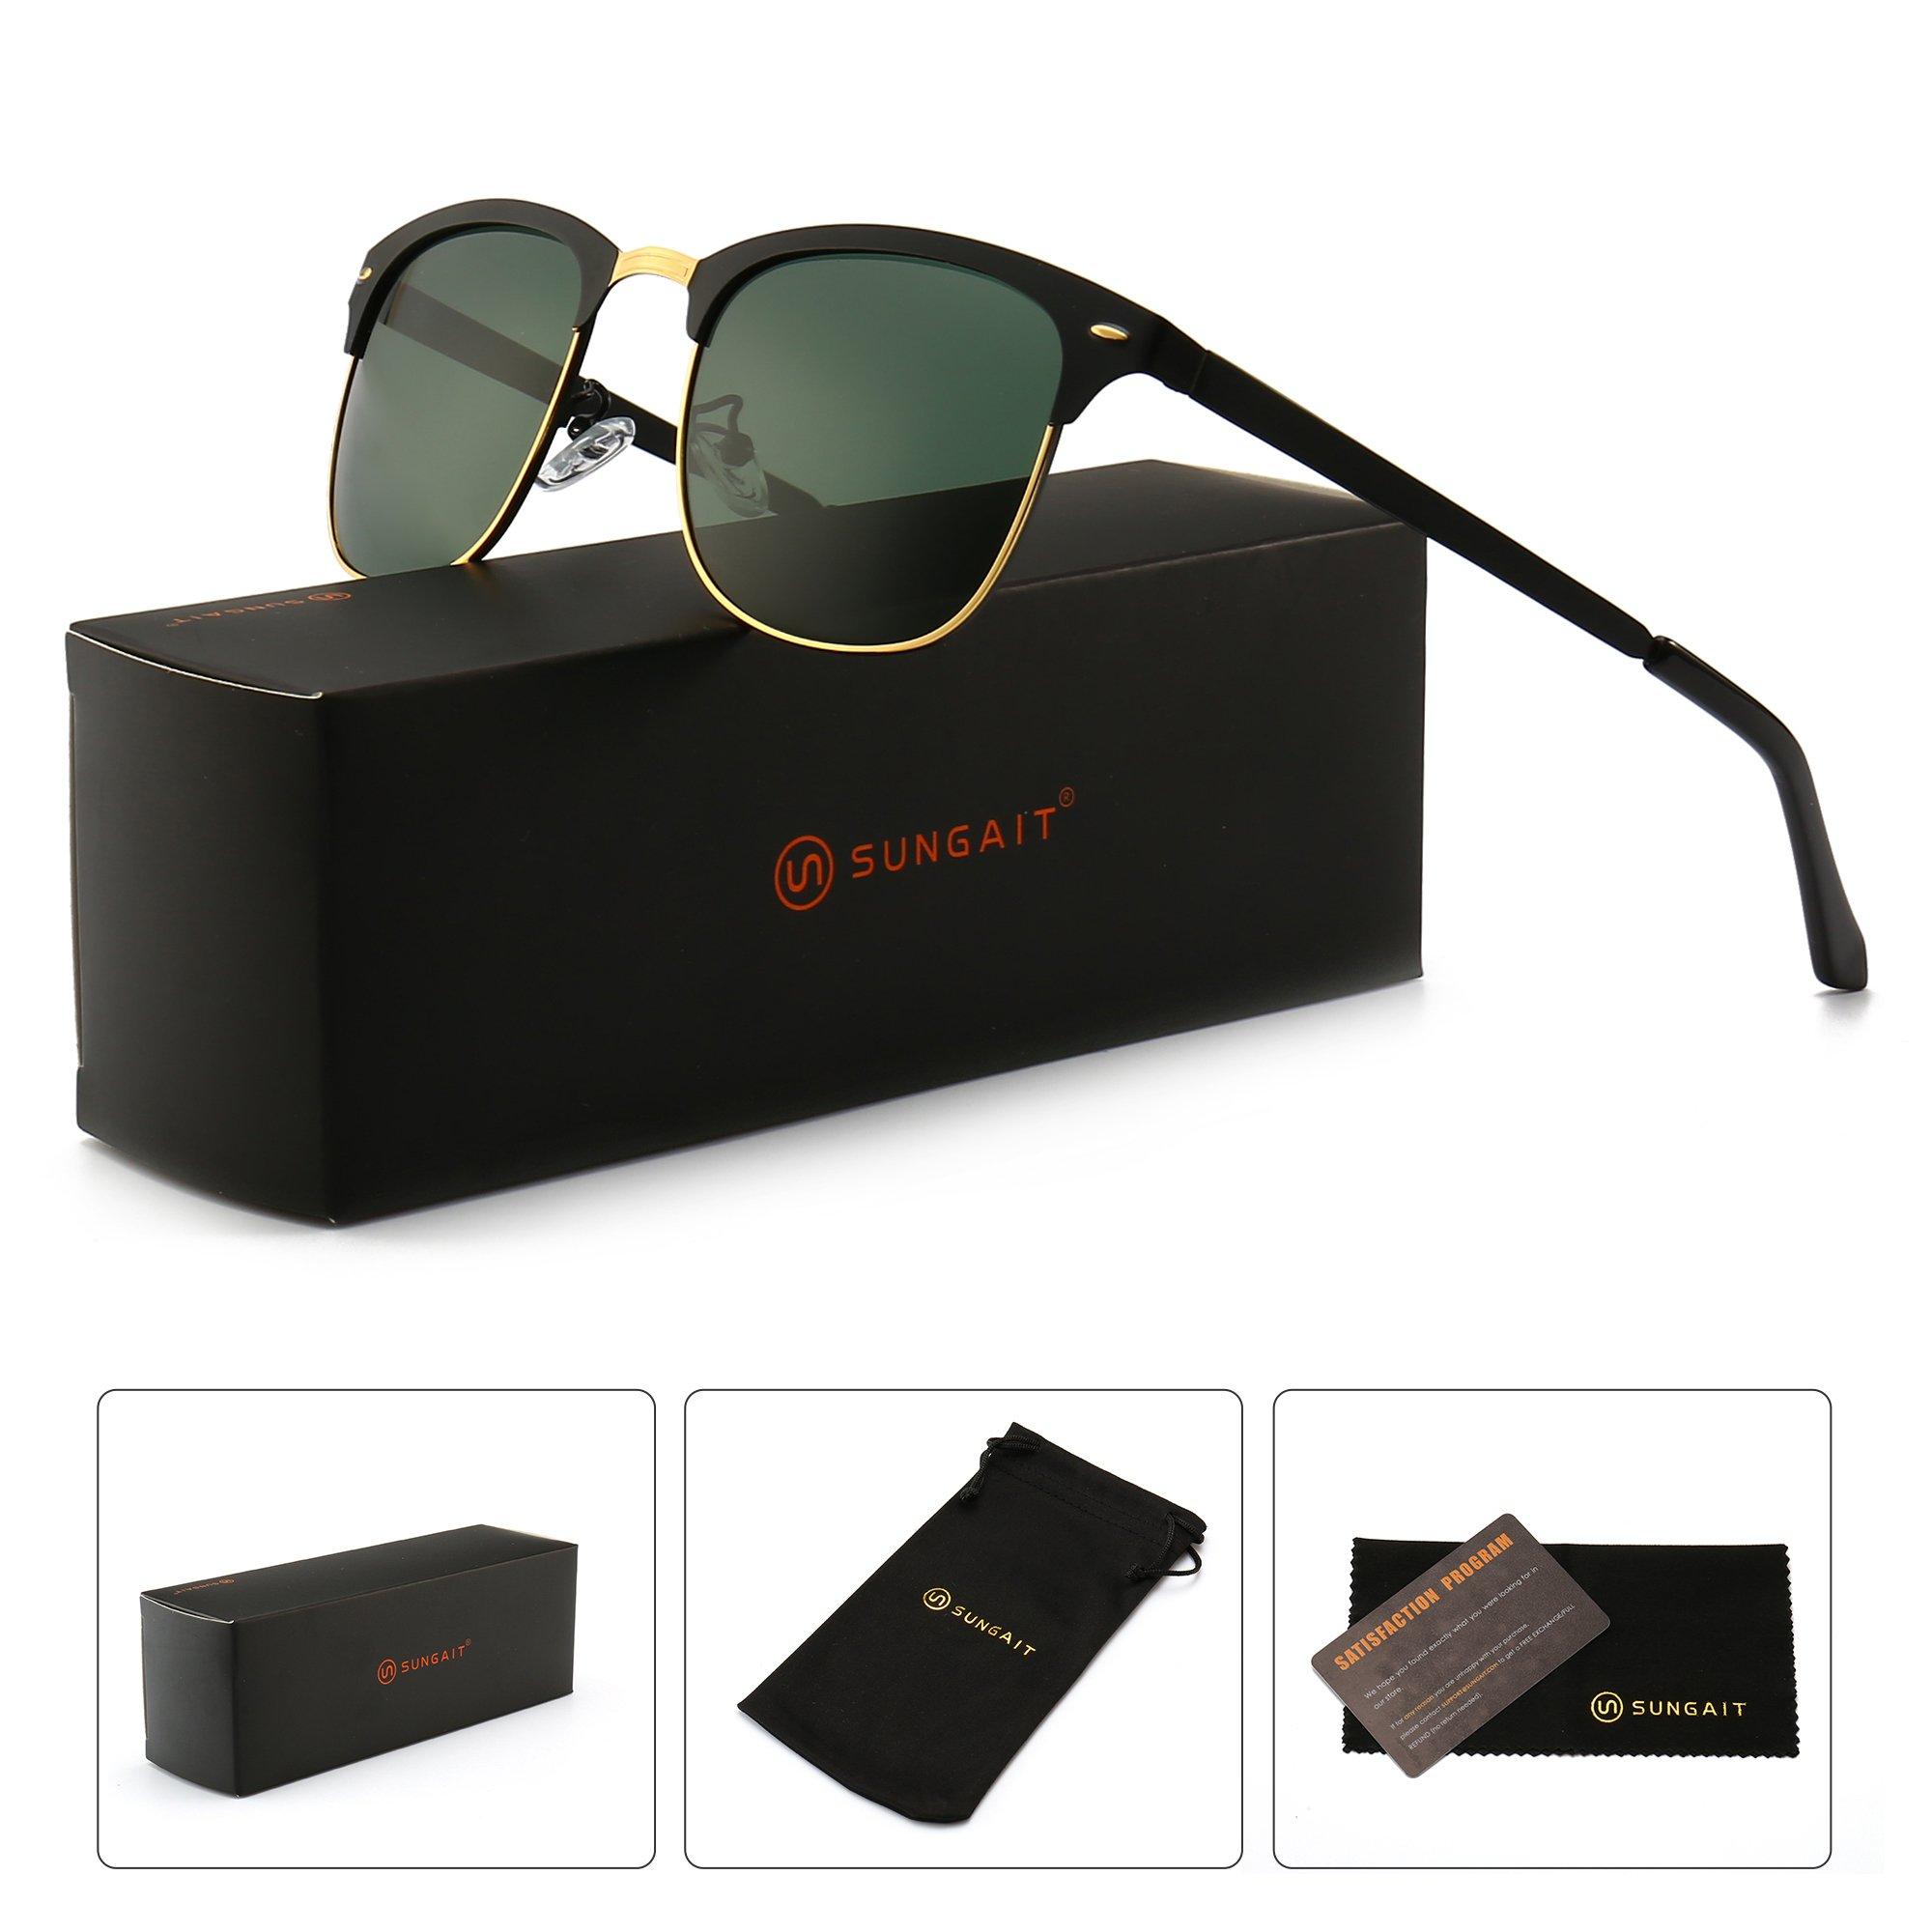 SUNGAIT New Clubmaster Sunglasses for Men Women (Black Frame/Green Lens) Metal Frame New-A502 HEKLV